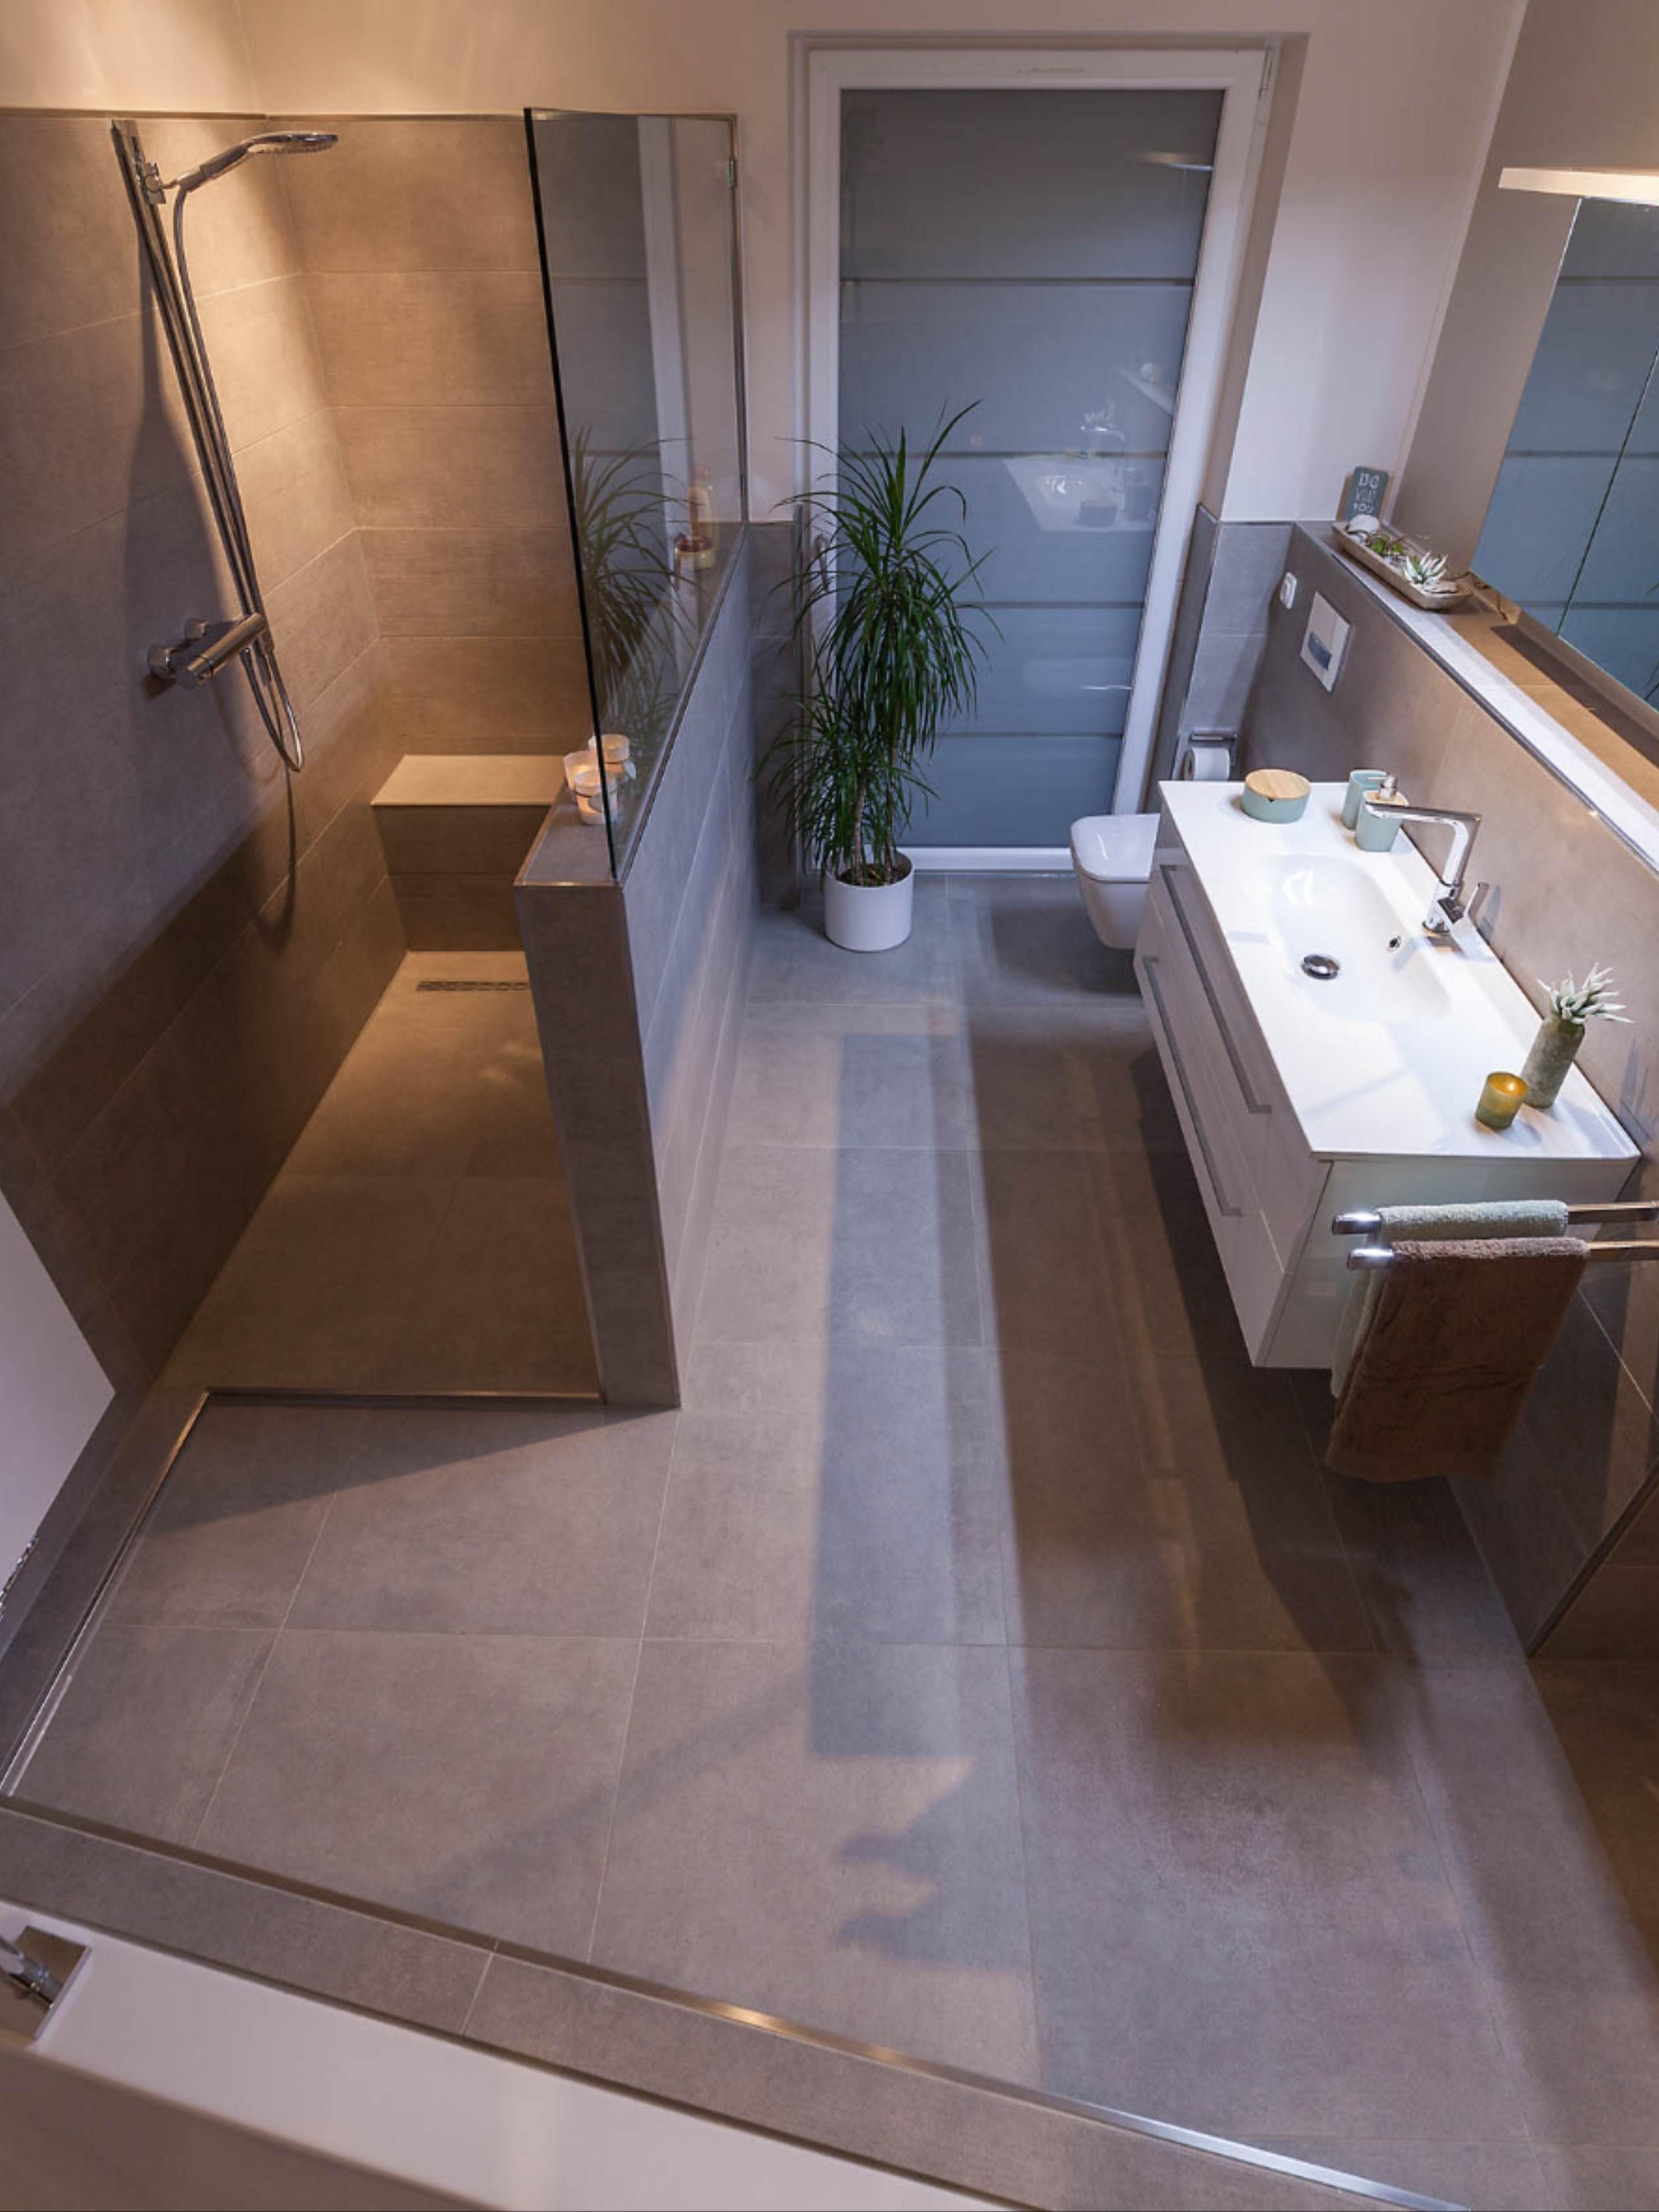 Begehbare Dusche Grosse Waschtischanlage Badewanne Mit Ablagen Und Nischen In 2020 Dusche Umgestalten Badezimmer Planen Badezimmer Dachschrage